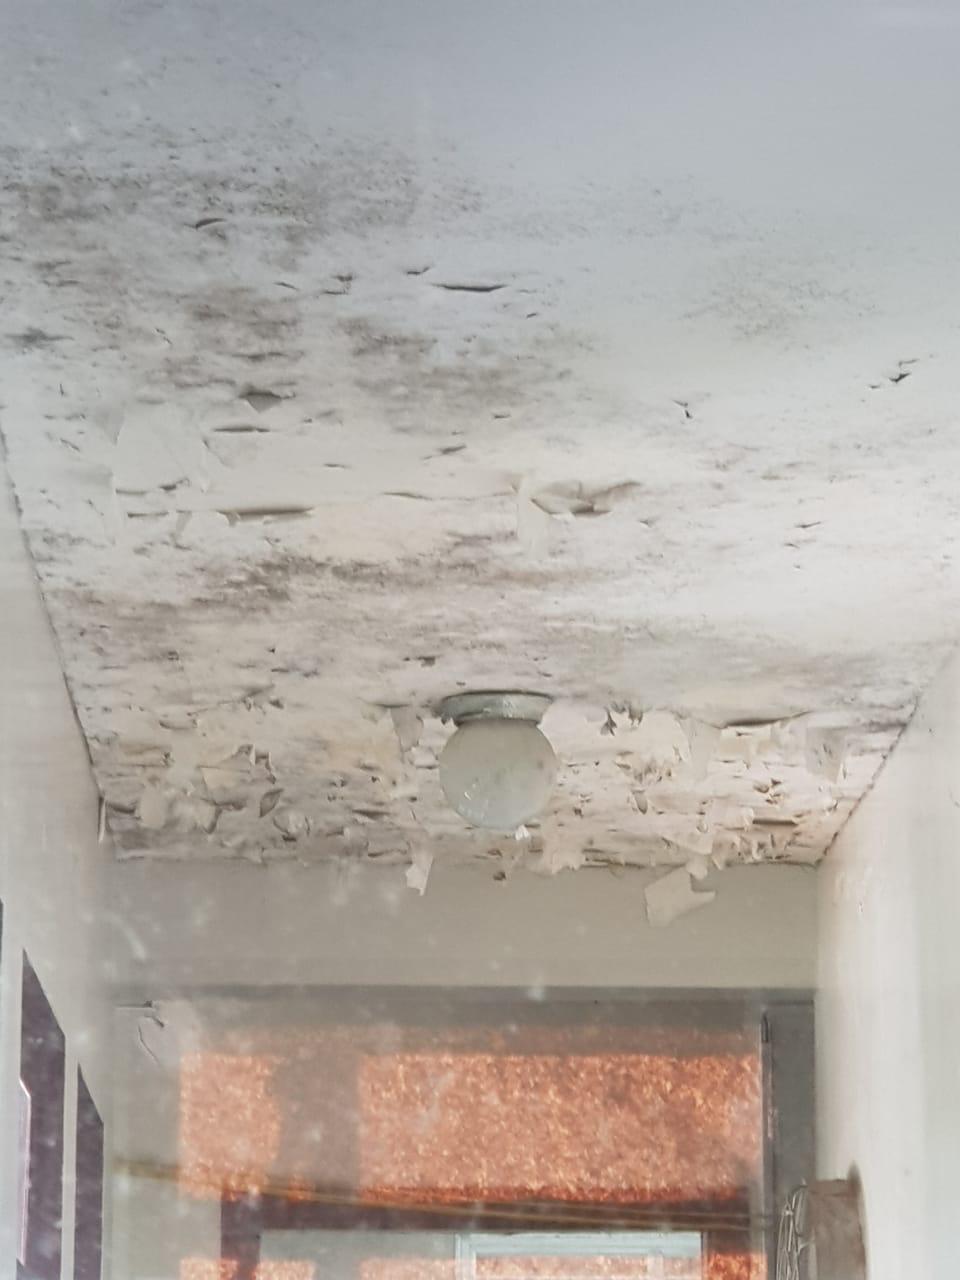 Paredes do teto do Hemonúcleo está manifestada com mofos